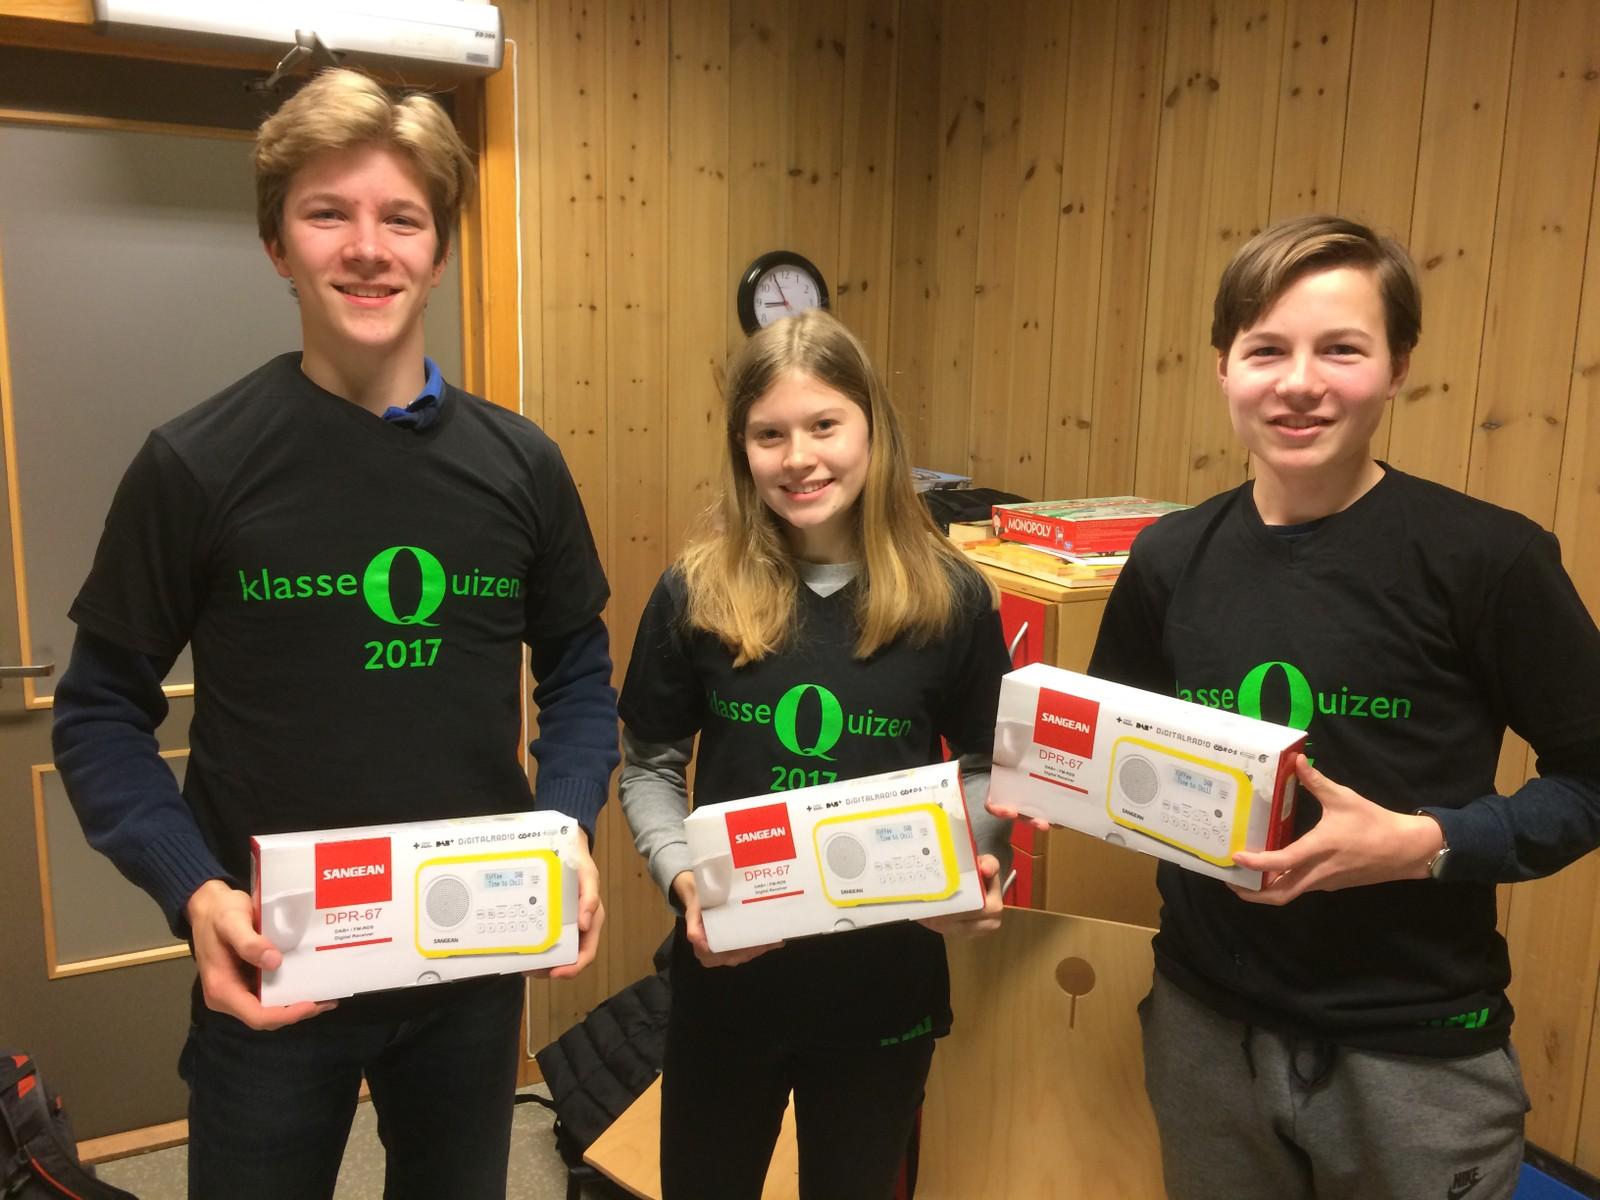 MARKAPLASSEN SKOLE: Fra venstre: Thorstein Berg Sletfjerding, Synne Nygaard Nielsen og Erik Jenssen Haugen.